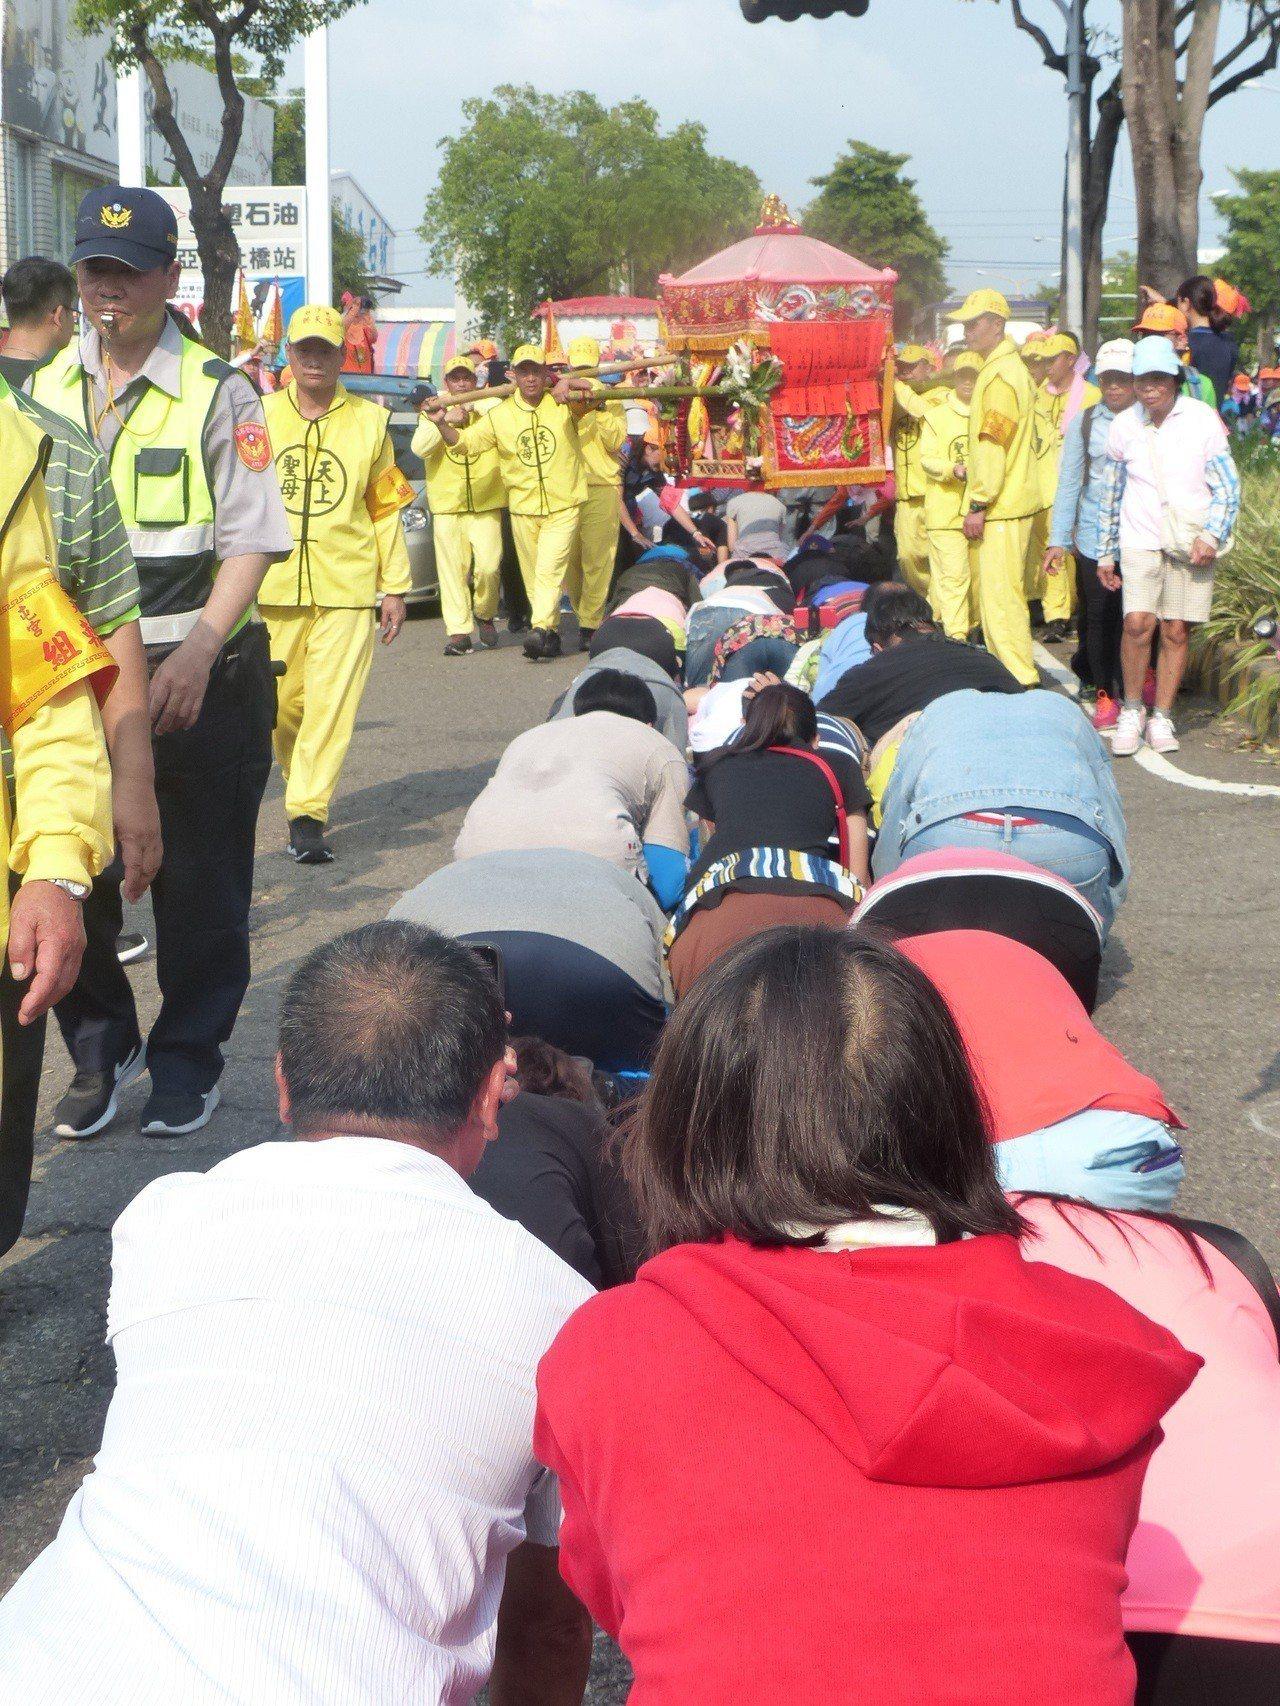 白沙屯媽祖鑾駕進入彰化市,信眾爭相鑽轎腳。記者劉明岩/攝影